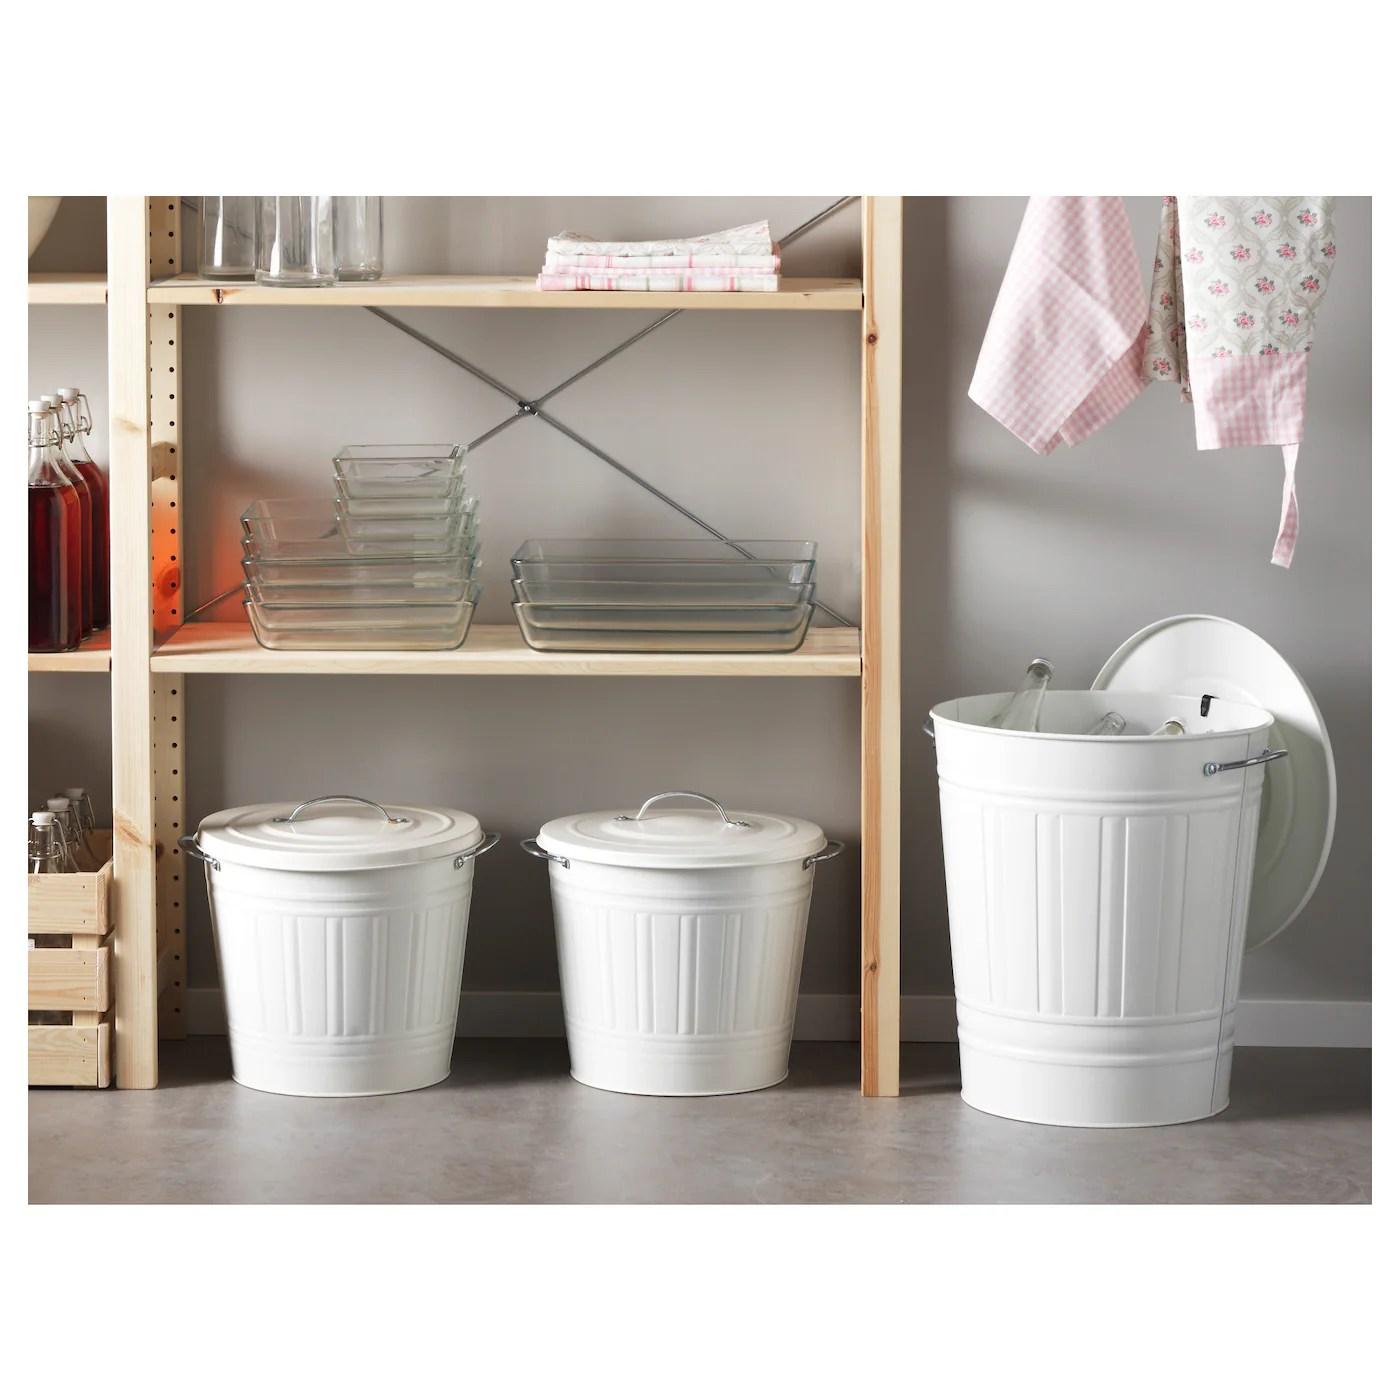 Knodd Poubelle Avec Couvercle Blanc Ikea